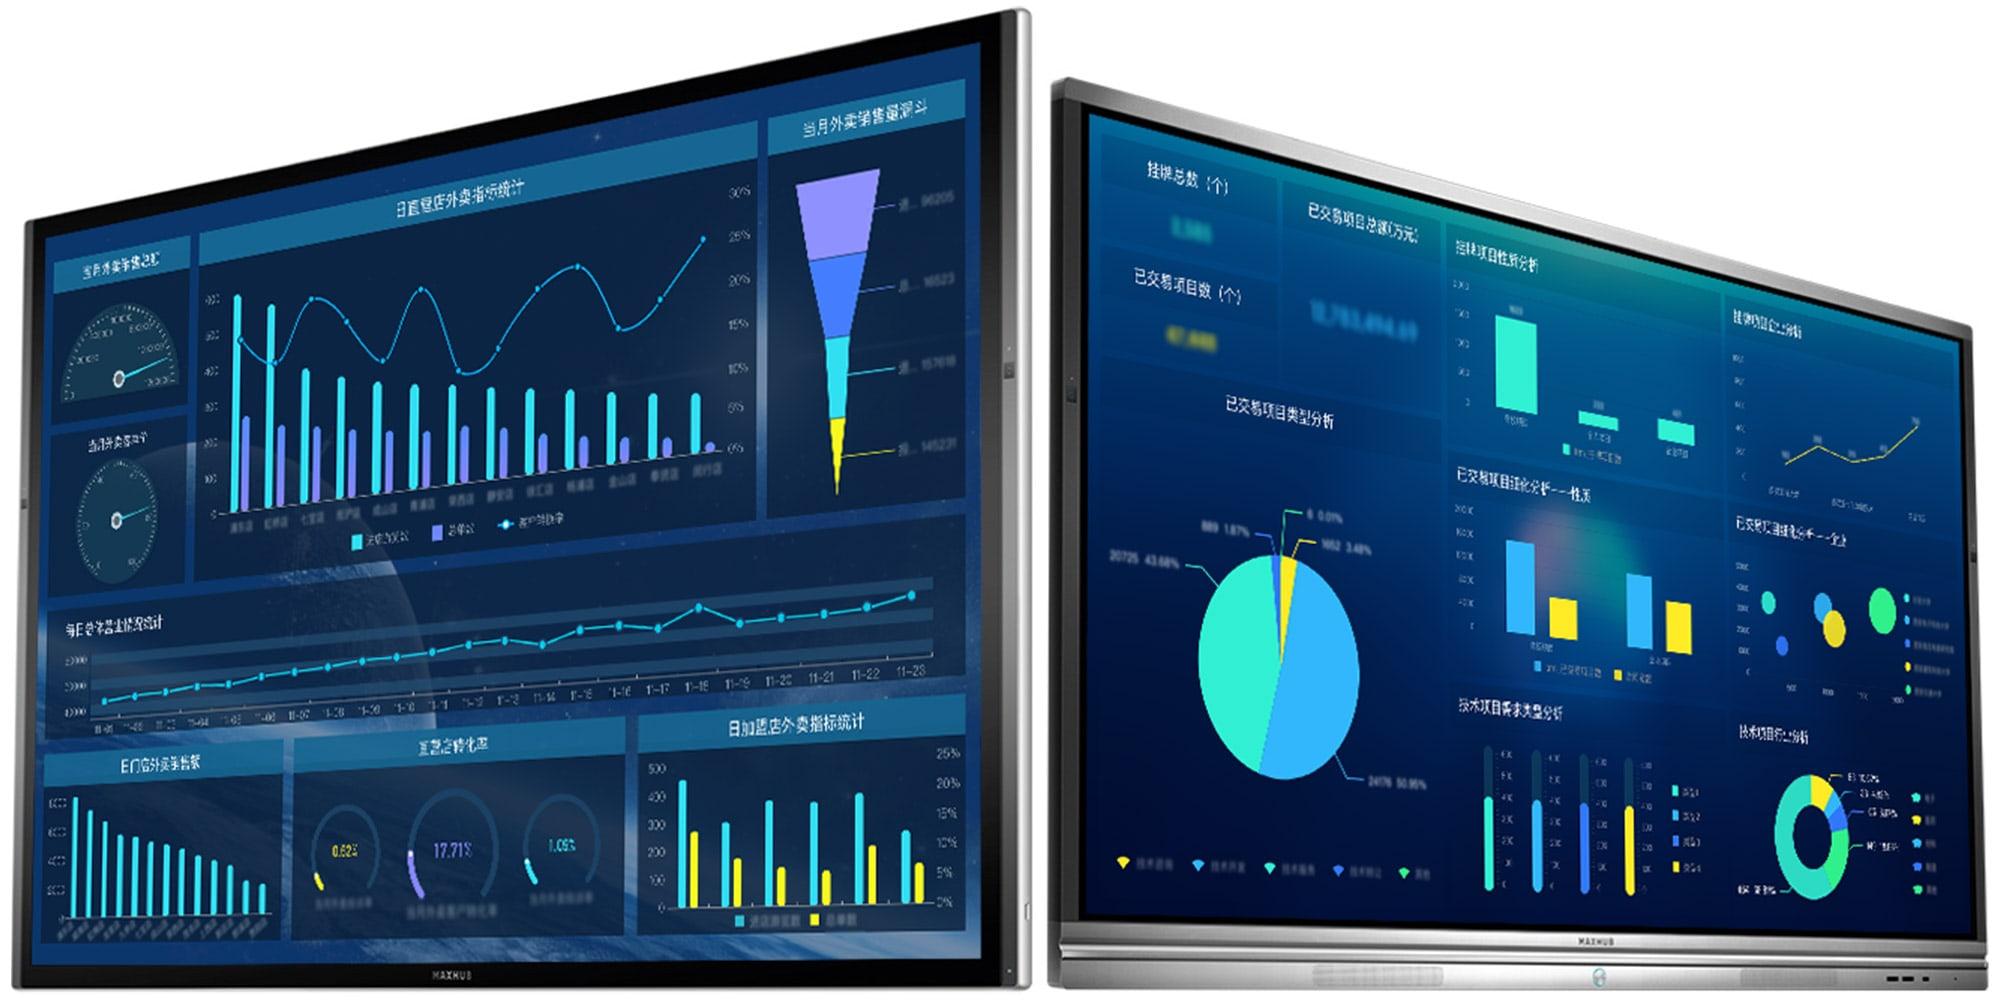 三维可视化分析平台